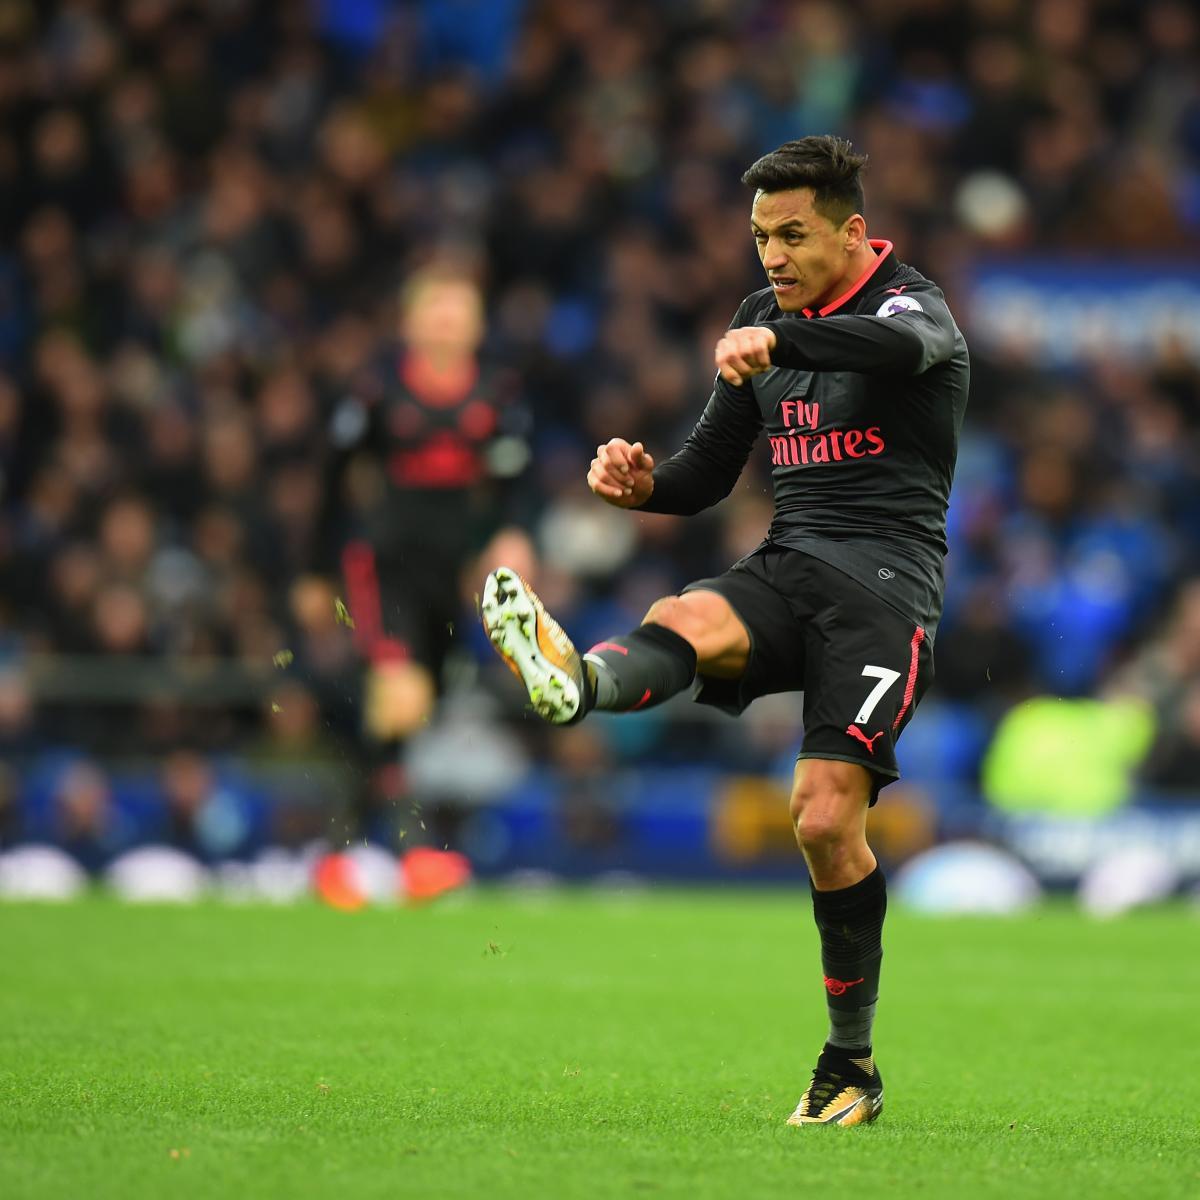 Manchester United Transfer News Alexis Sanchez Rumours: Manchester City Transfer News: Fee Set For Alexis Sanchez